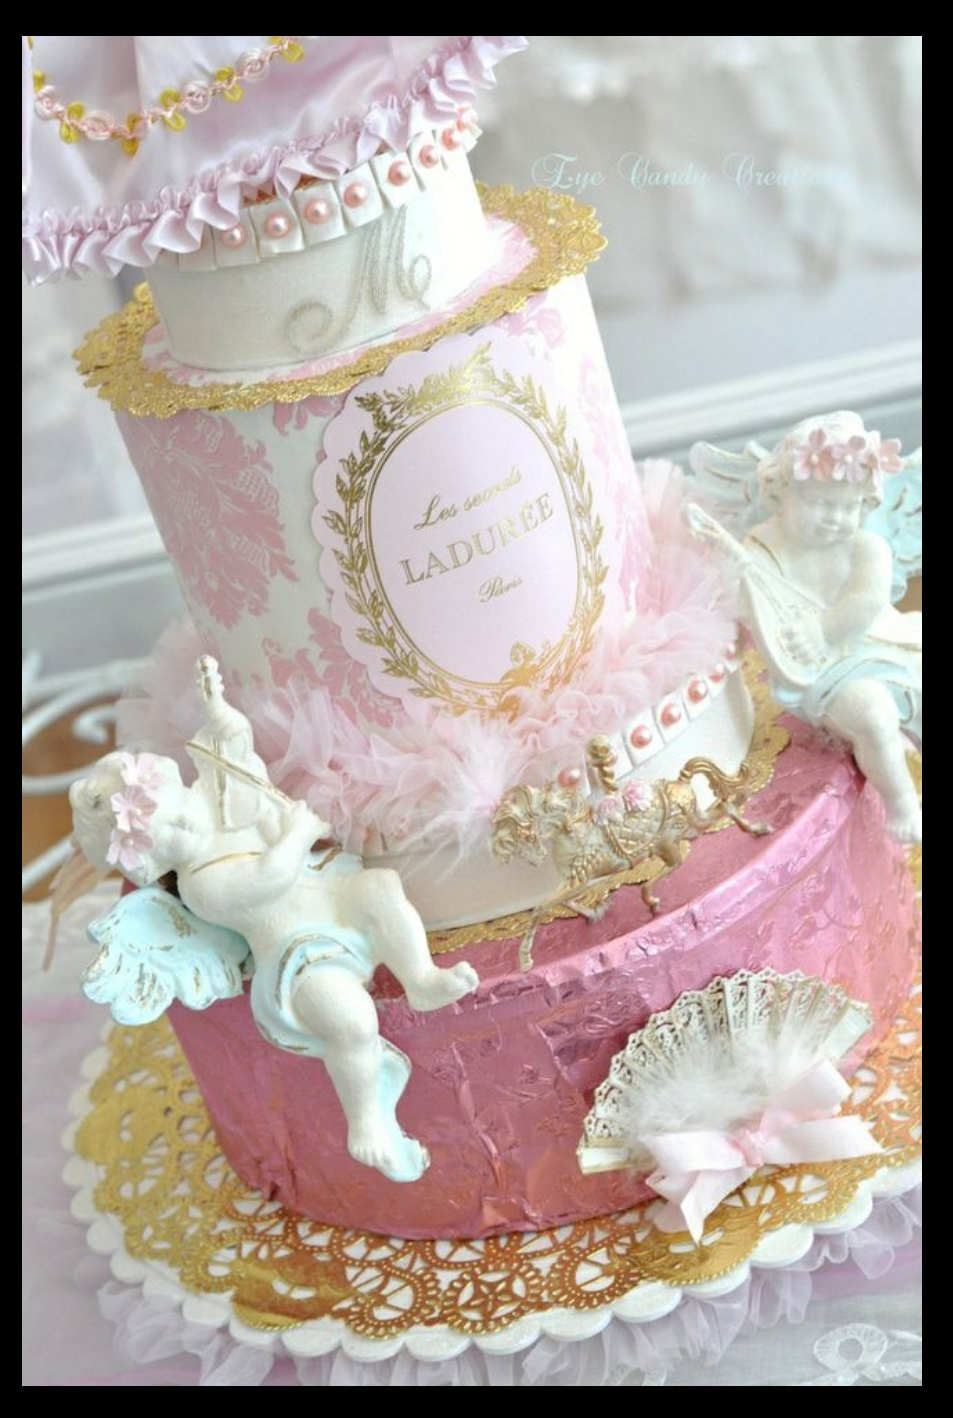 shabby chic bridal shower cakes%0A Ladur  e Cake for Wedding